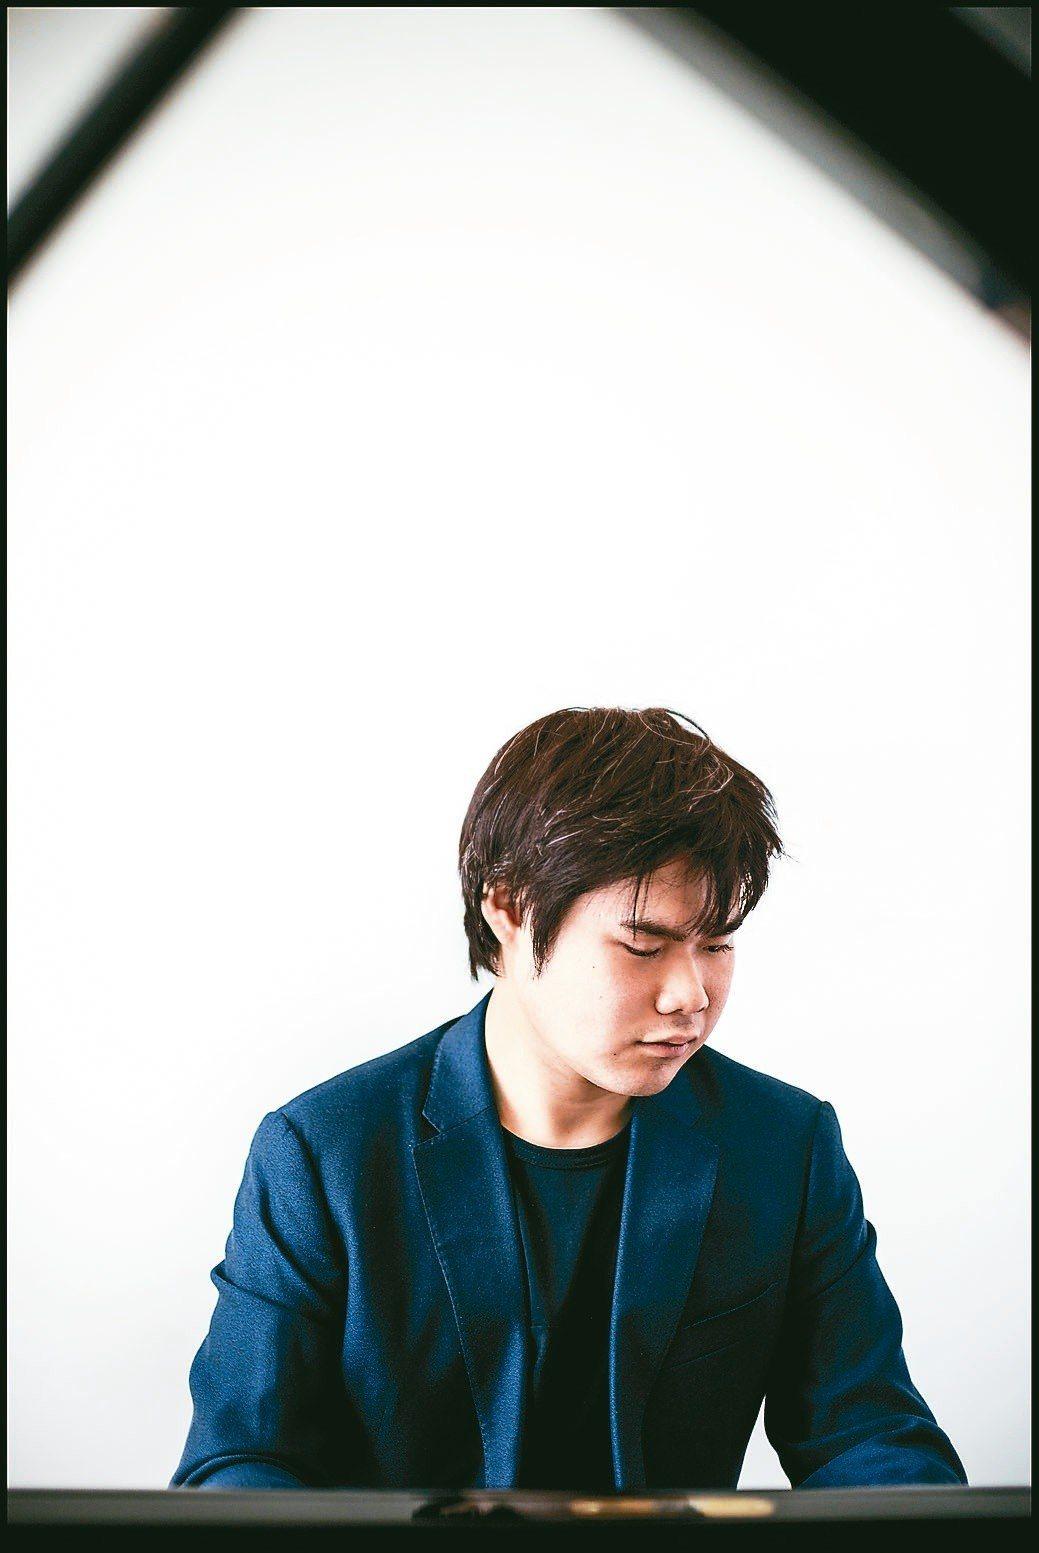 日本全盲天才鋼琴家辻井伸行,四月將登台演奏。 圖/ Yuji Hori提供